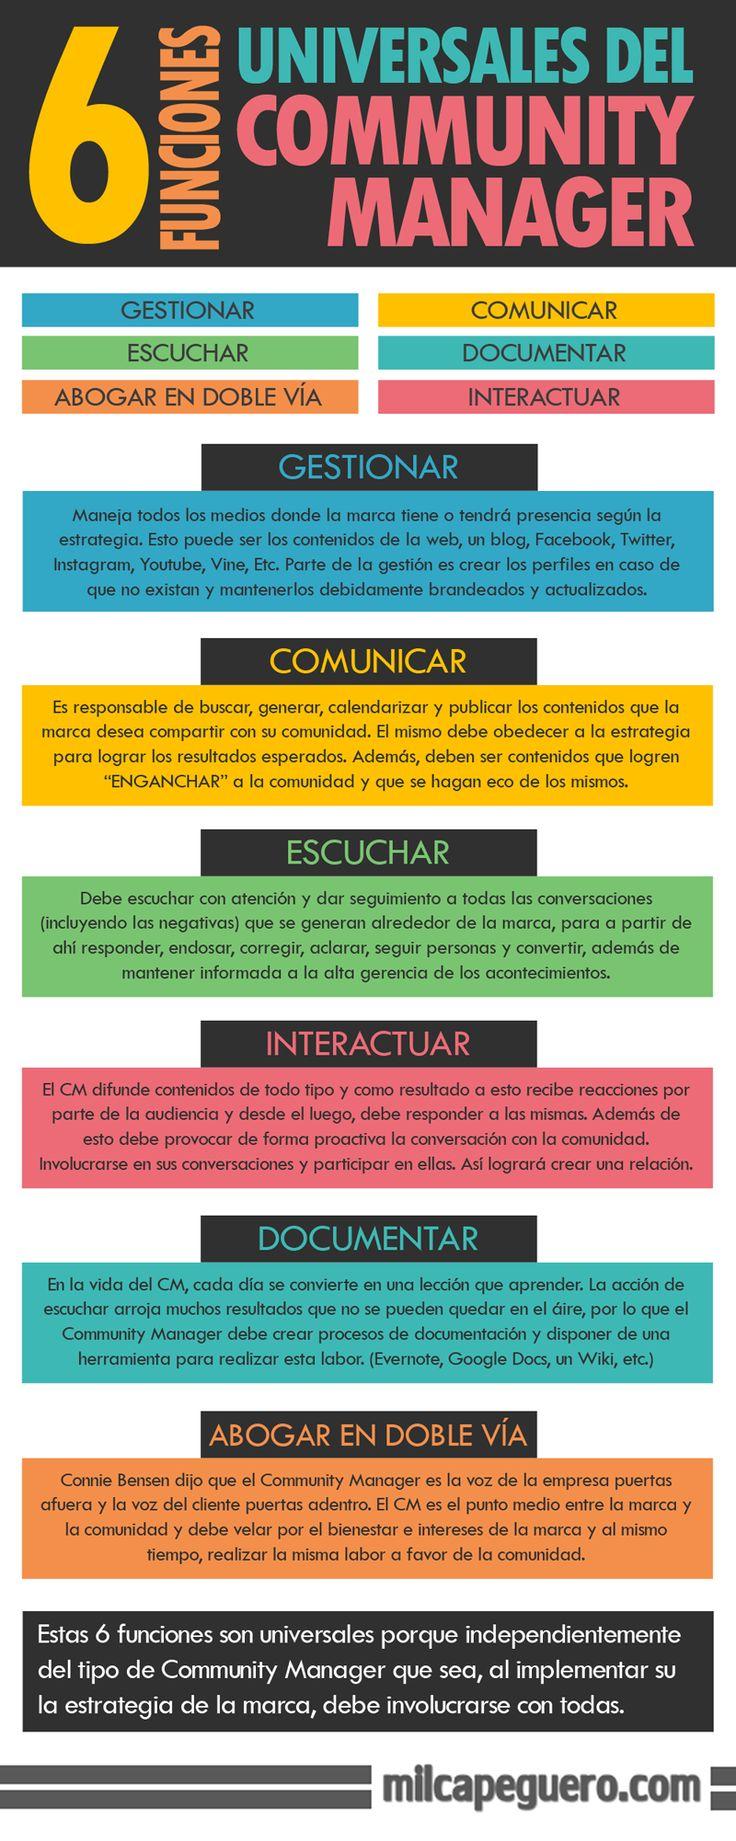 6 funciones universales del Community Manager #infografia